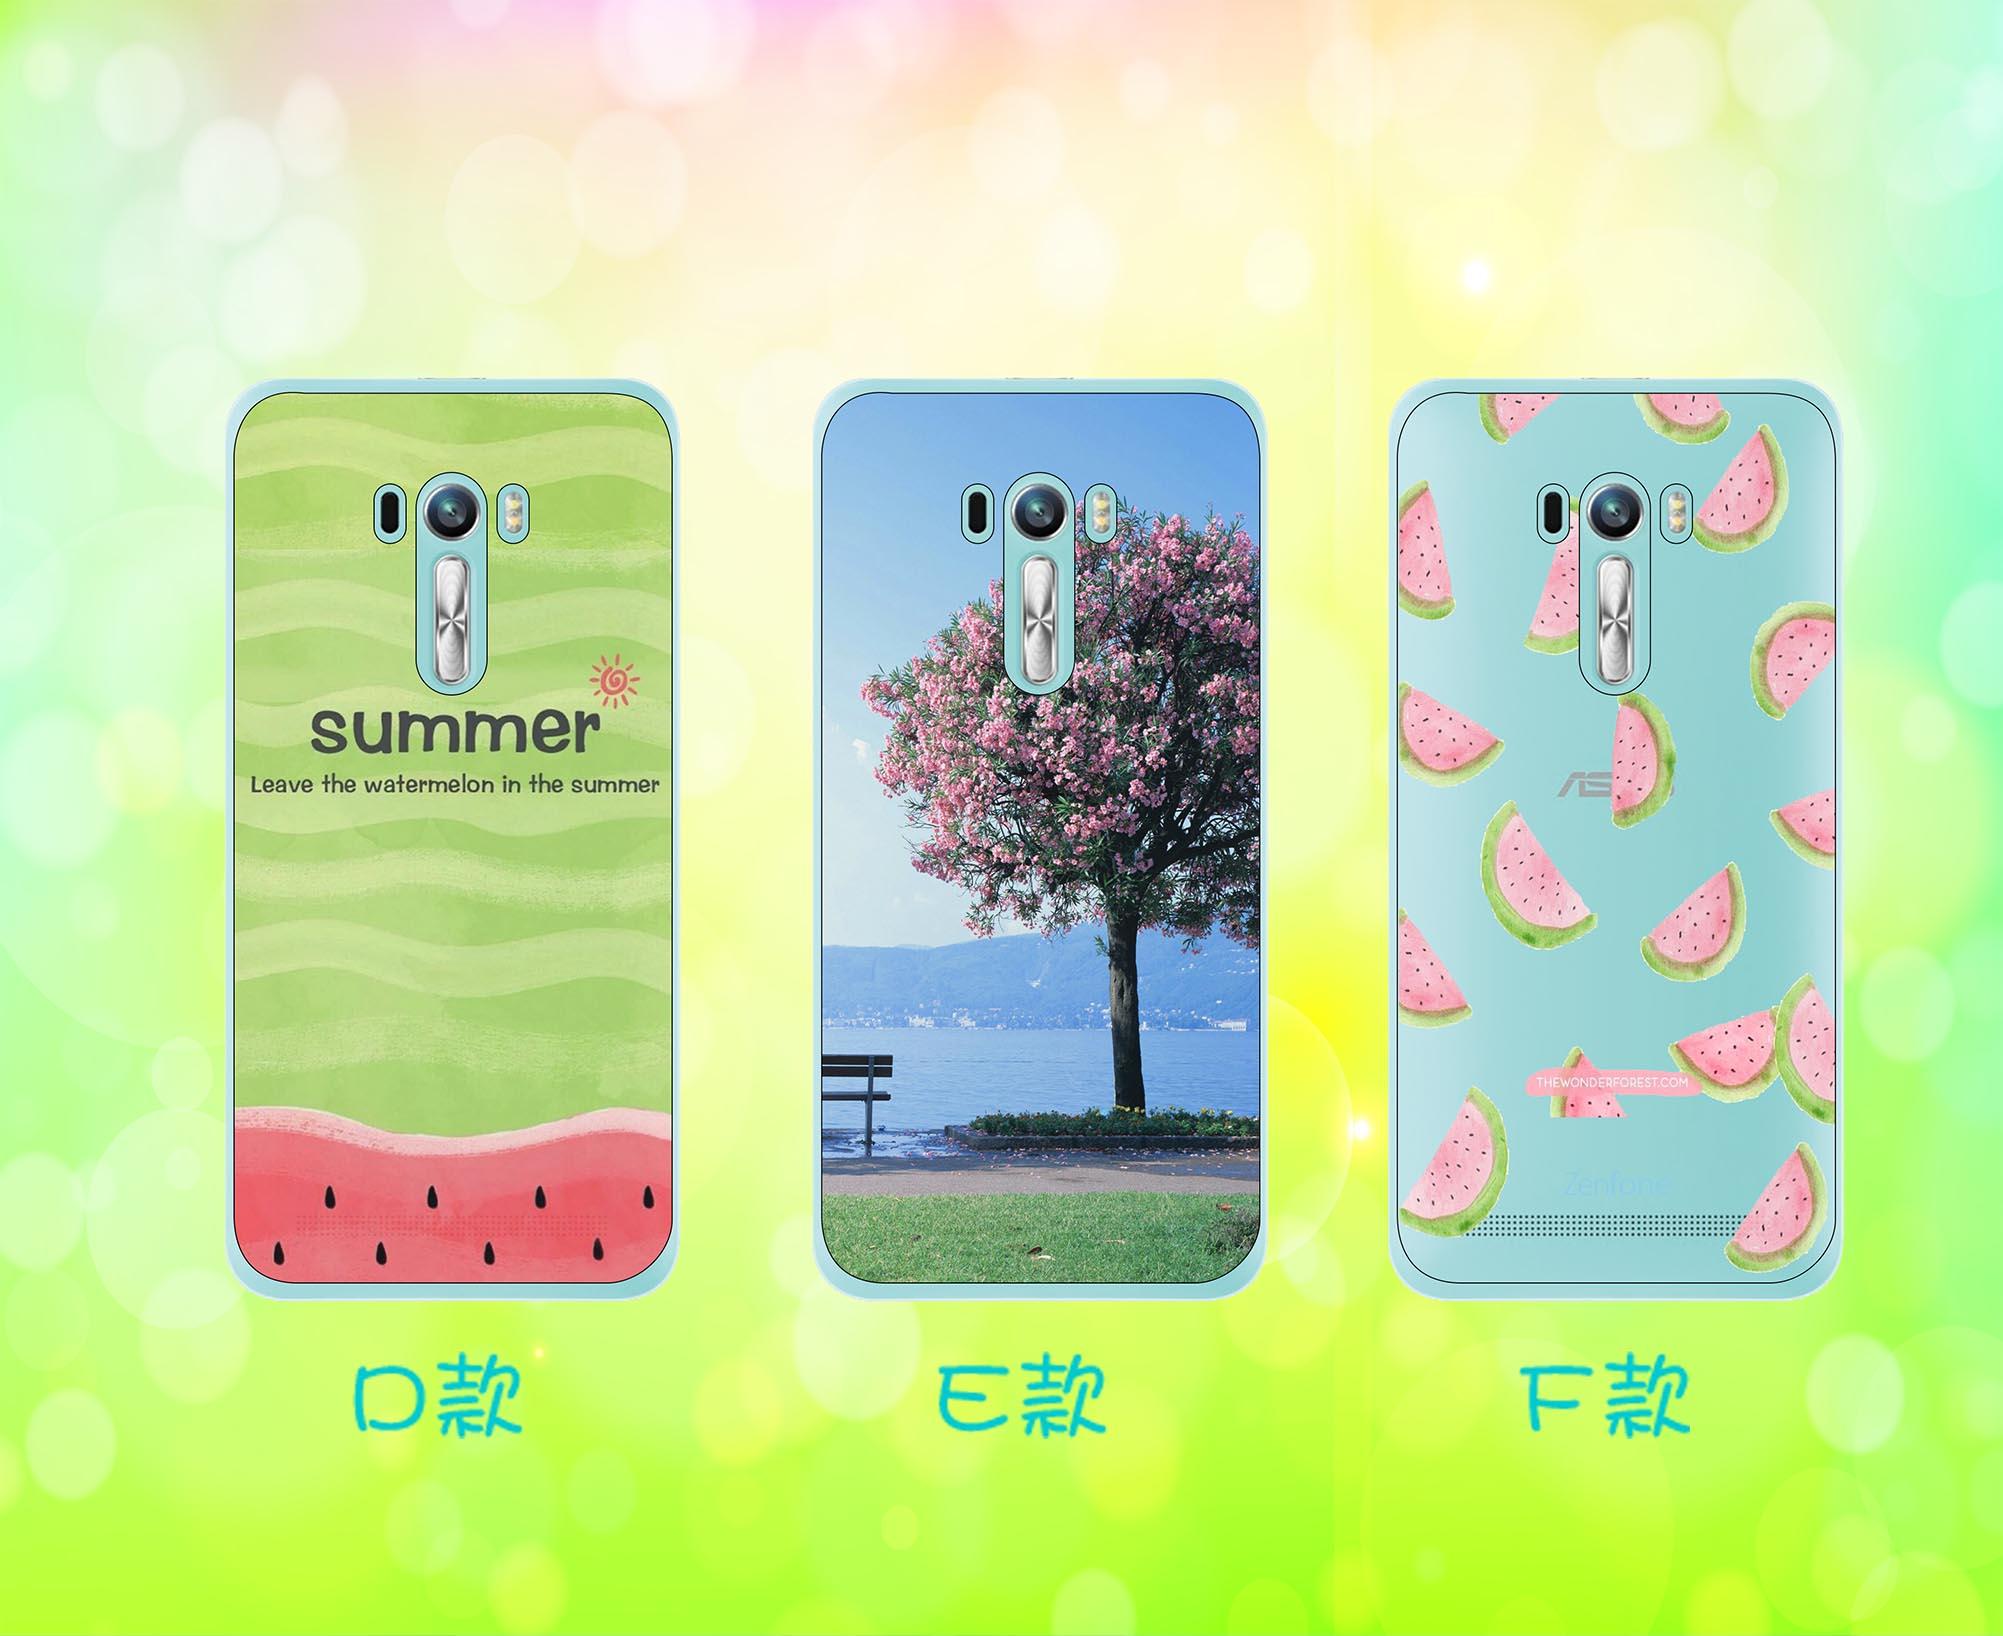 [ASUS] ✨ 夏日系透明軟殼 ✨ 日本工藝超精細[ZenFone2 Selfie,ZenFone2 go,ZenFone2 5吋,ZenFone2 5.5吋,ZenFone2 Laser 5吋,ZenFone2 Laser 5.5吋,ZenFone2 Laser 6吋,ZenFone6] 0